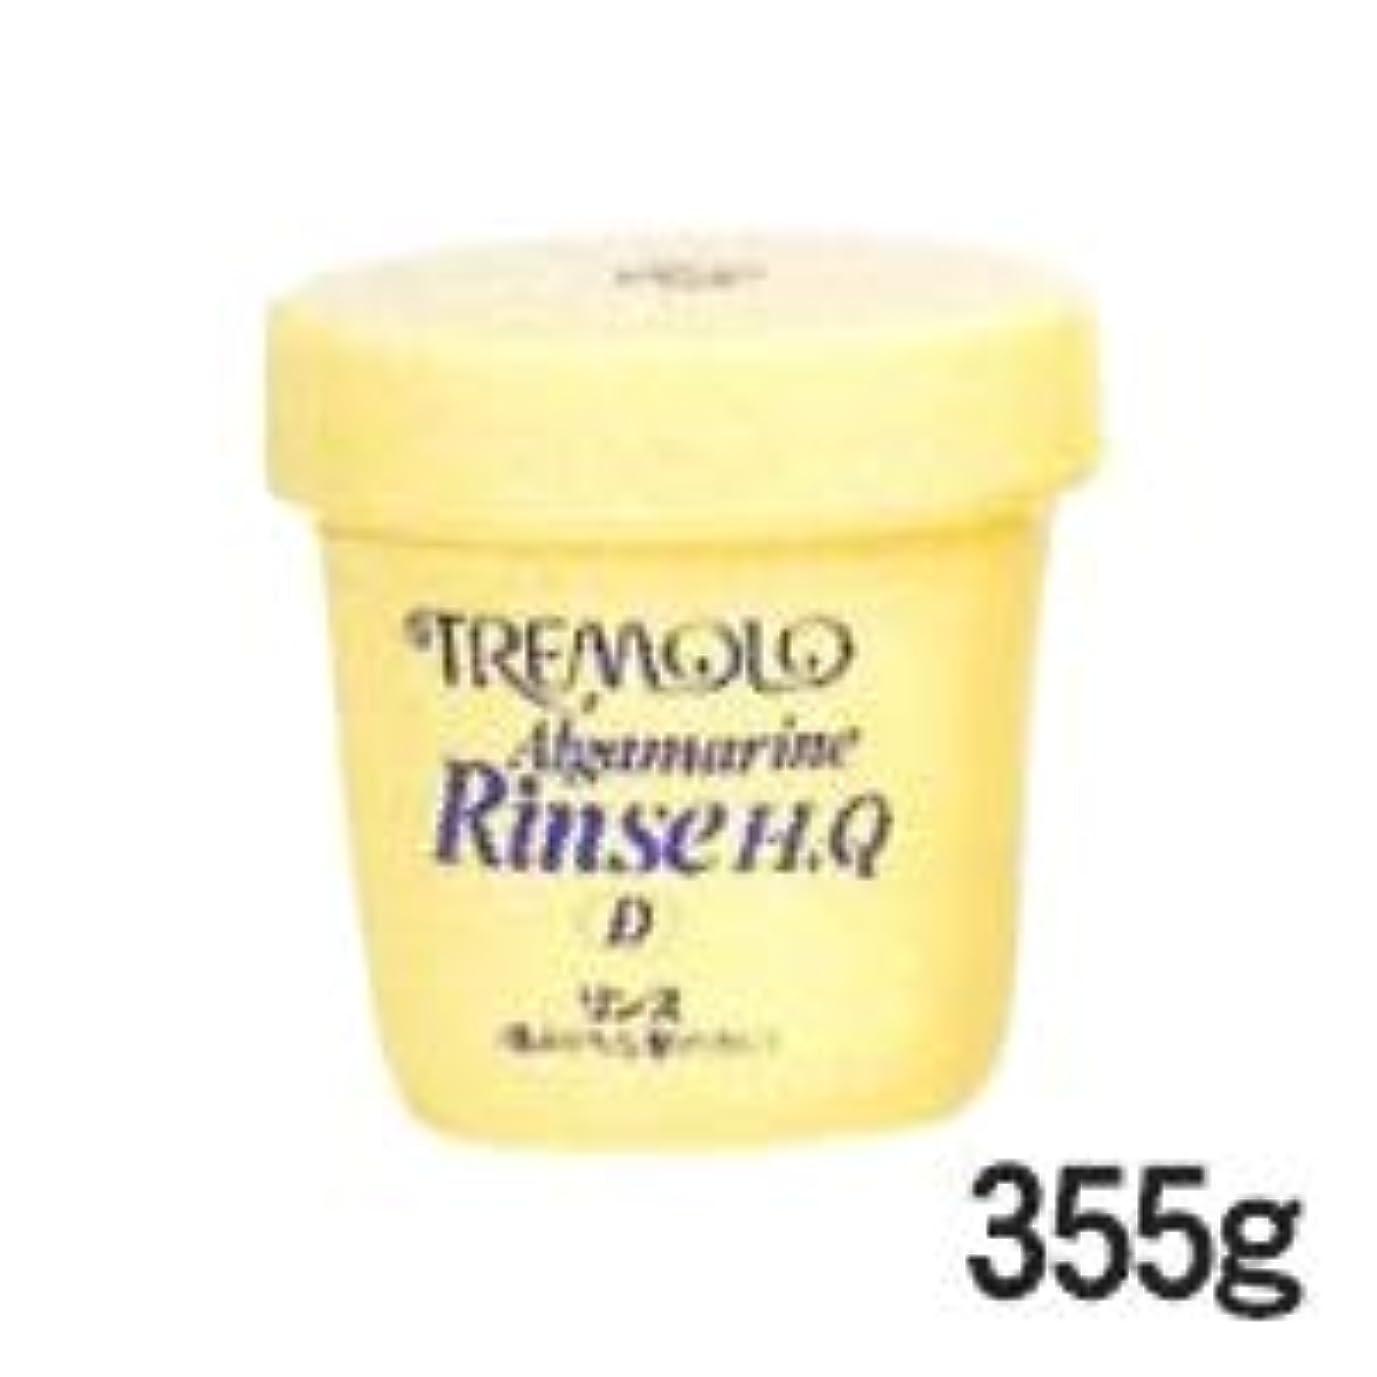 トレモロ アルグマリーン リンス Q ドライヘア用 355g